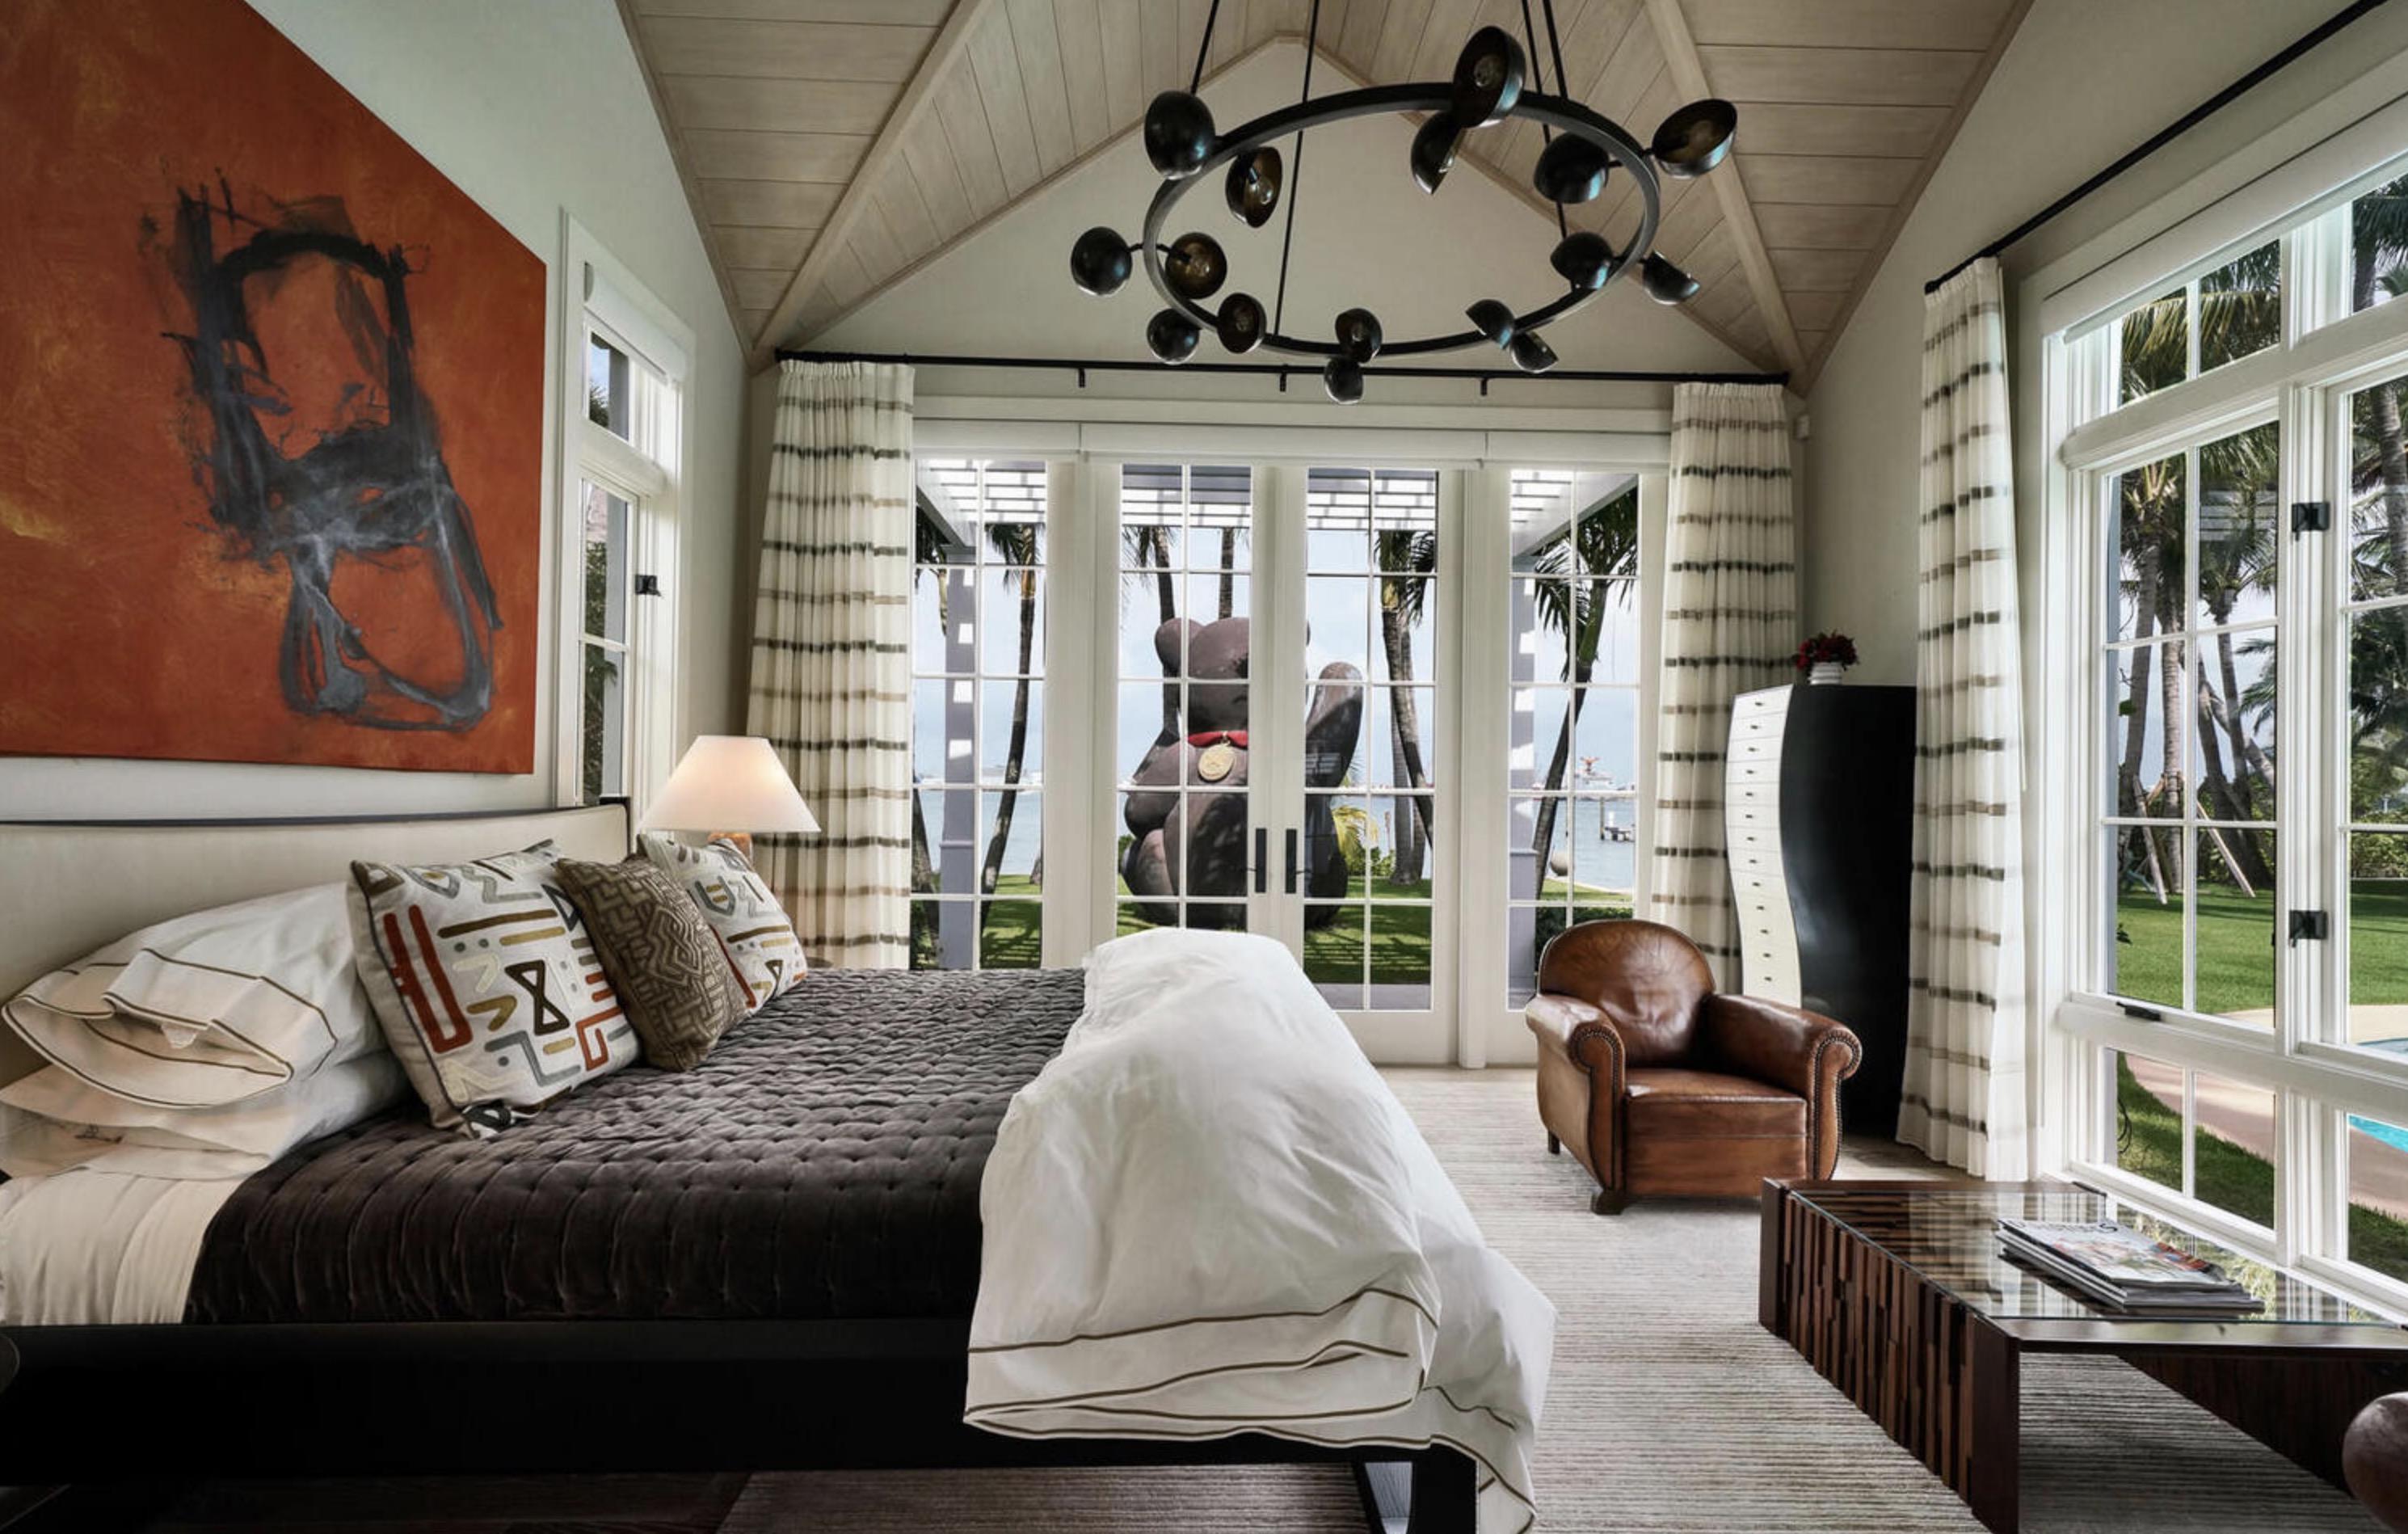 Dormitorio Sylvester Stallone